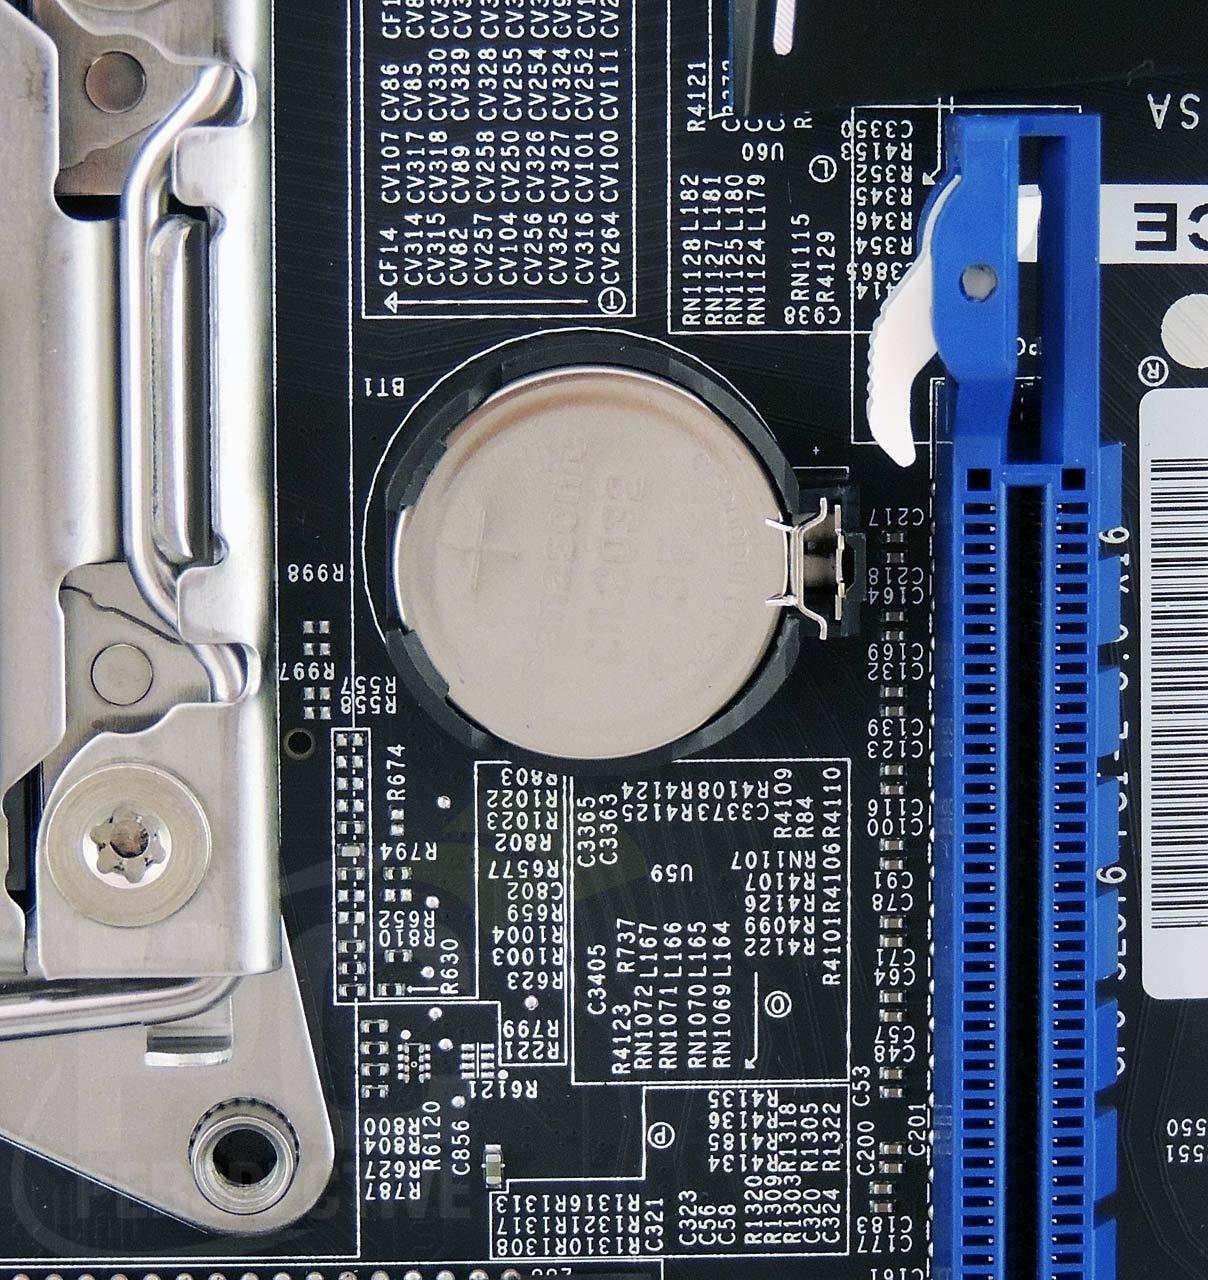 19-cpu-cmos-battery.jpg